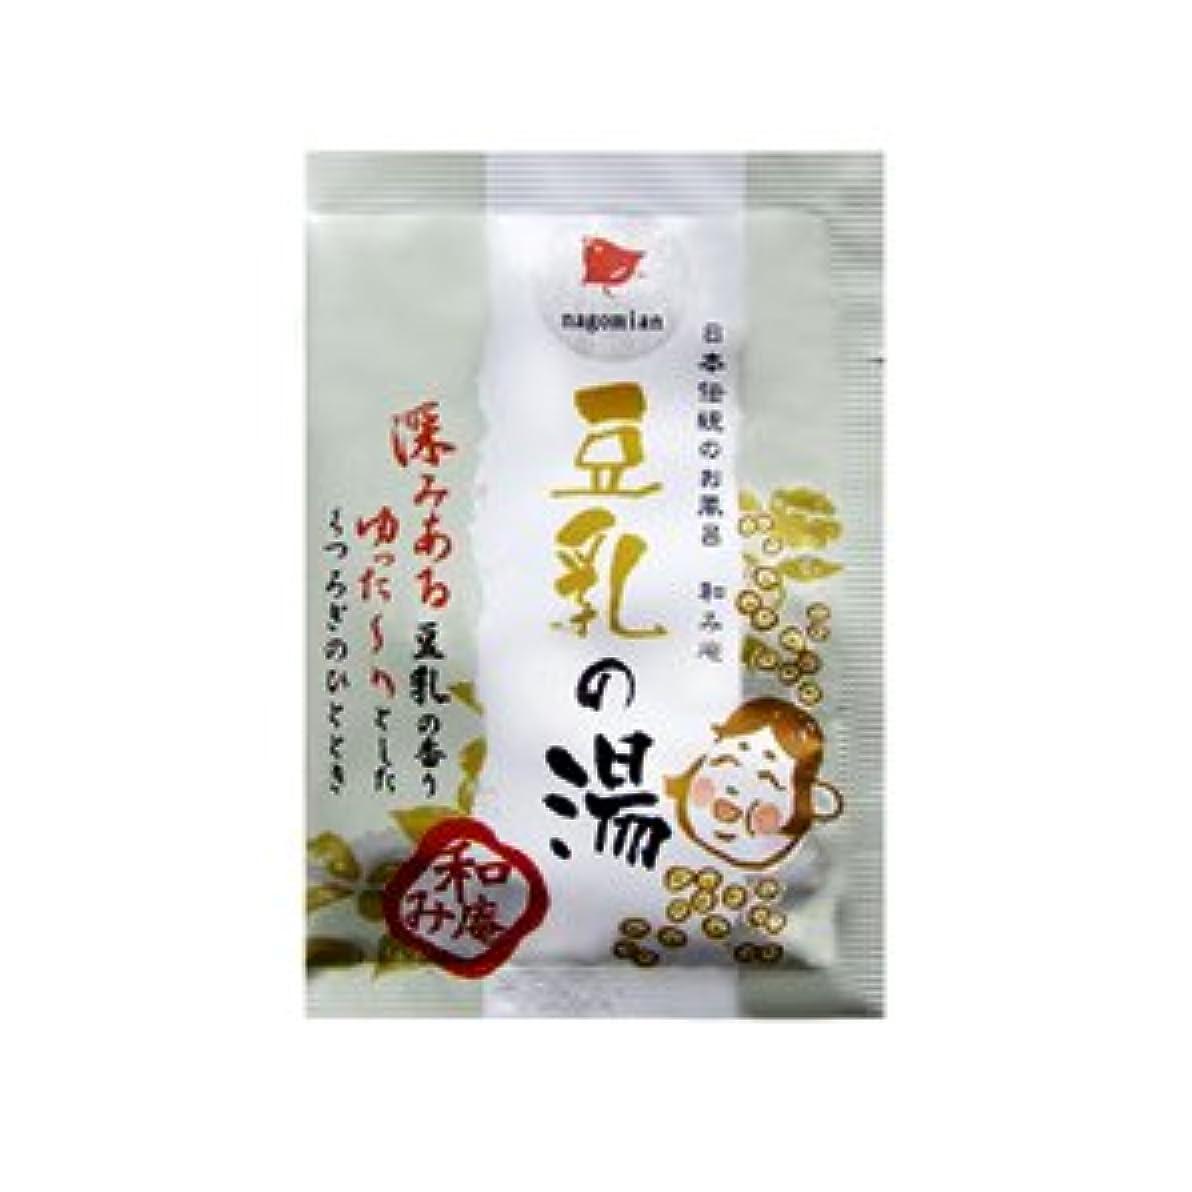 拡張信頼泣き叫ぶ日本伝統のお風呂 和み庵 豆乳の湯 25g 5個セット